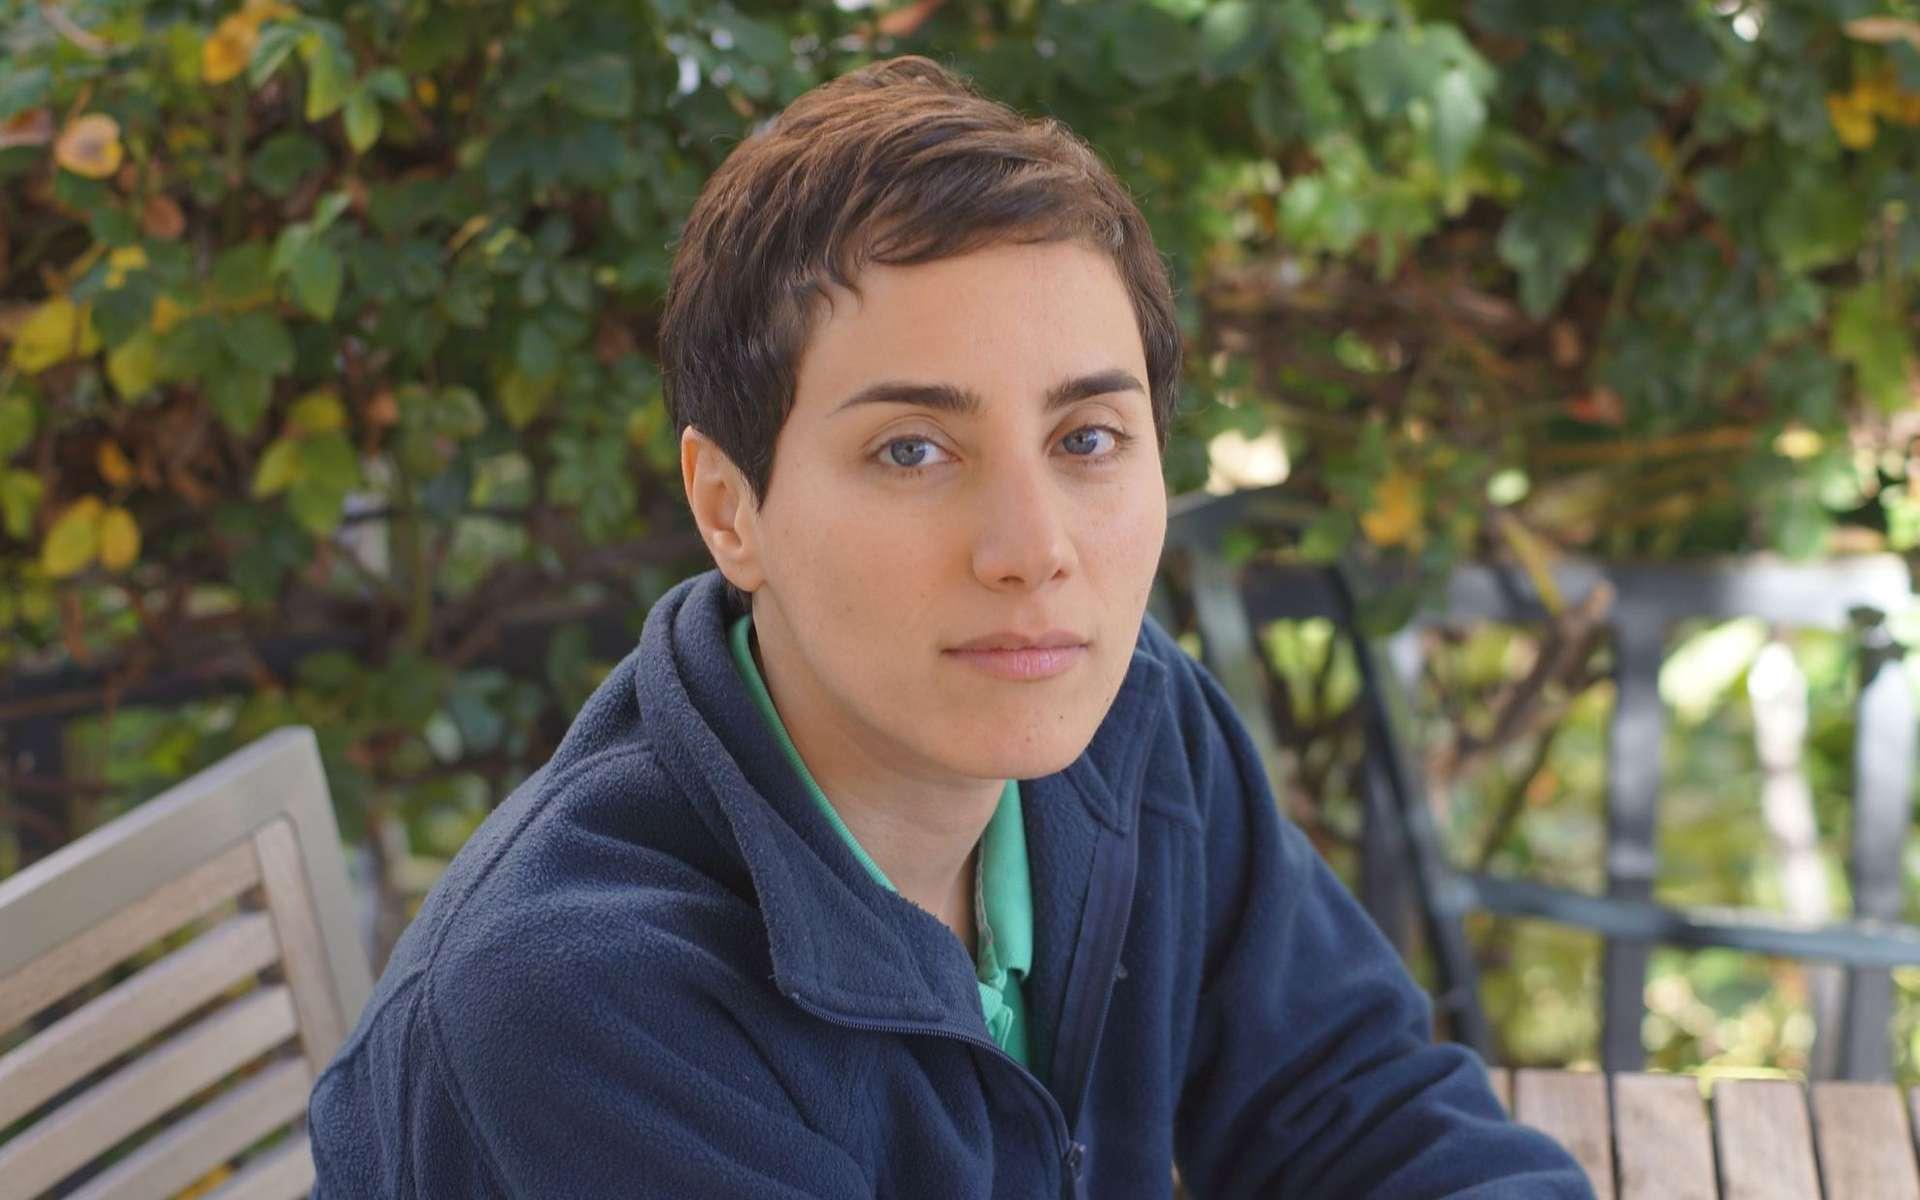 L'histoire des mathématiques a été marquée par quelques grandes mathématiciennes comme Emmy Noether mais aucune d'entre elles n'avaient encore obtenu la médaille Fields. C'est chose faite avec la mathématicienne Maryam Mirzakhani. © Stanford University